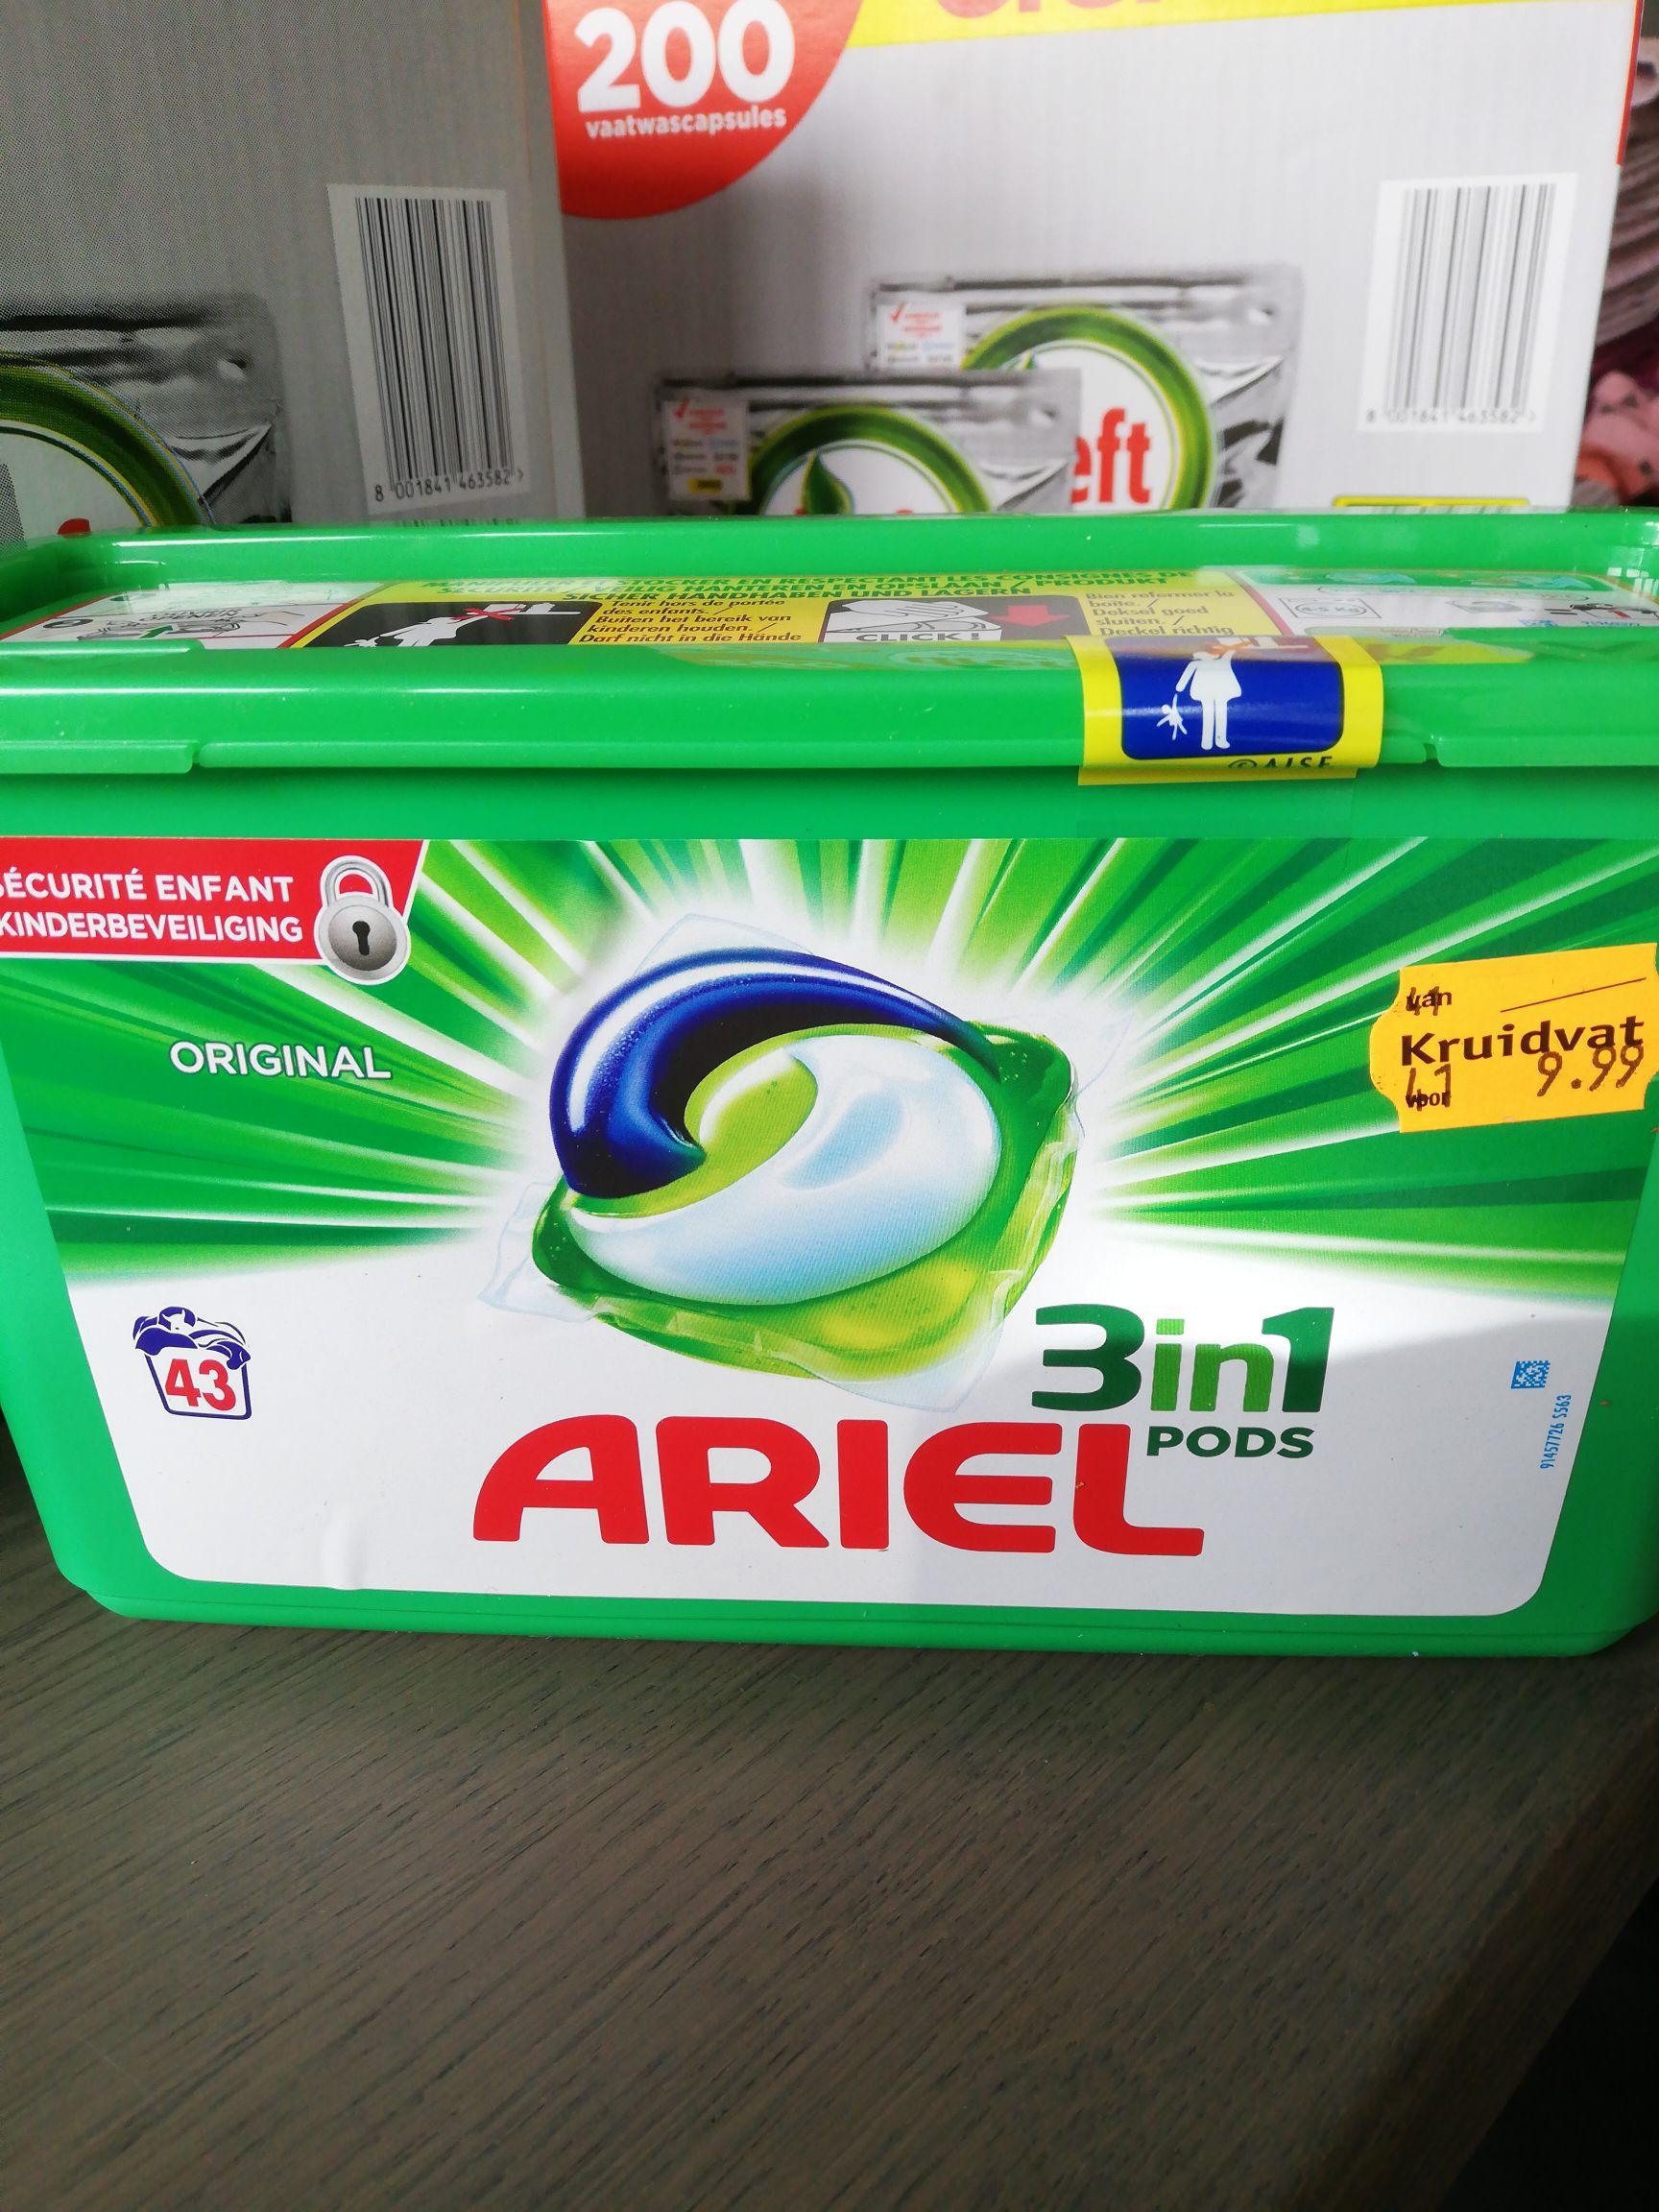 Ariel pods nu 13,9 ct per pod